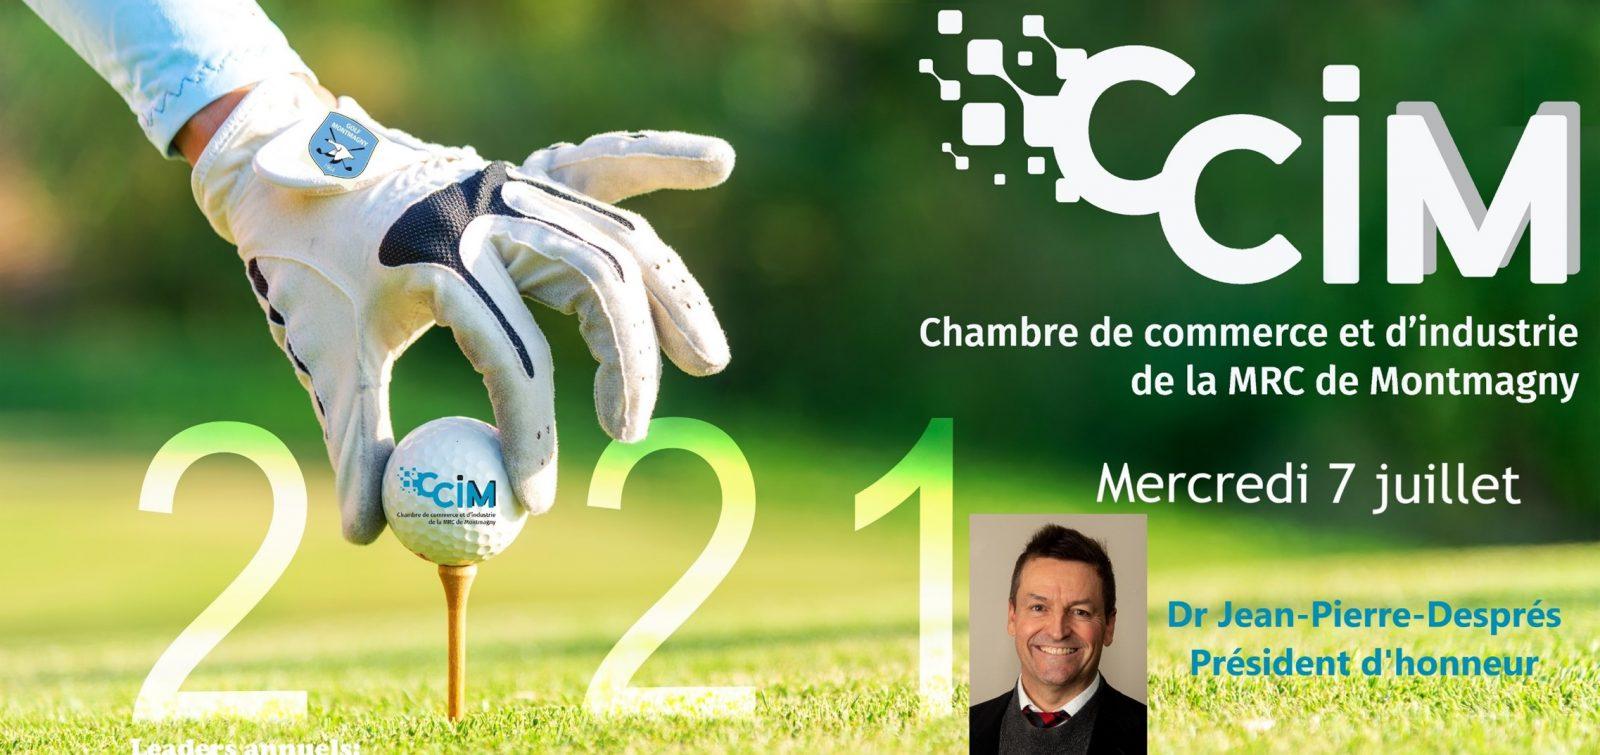 La 27e édition du tournoi de golf annuel de la CCIM prévue en juillet